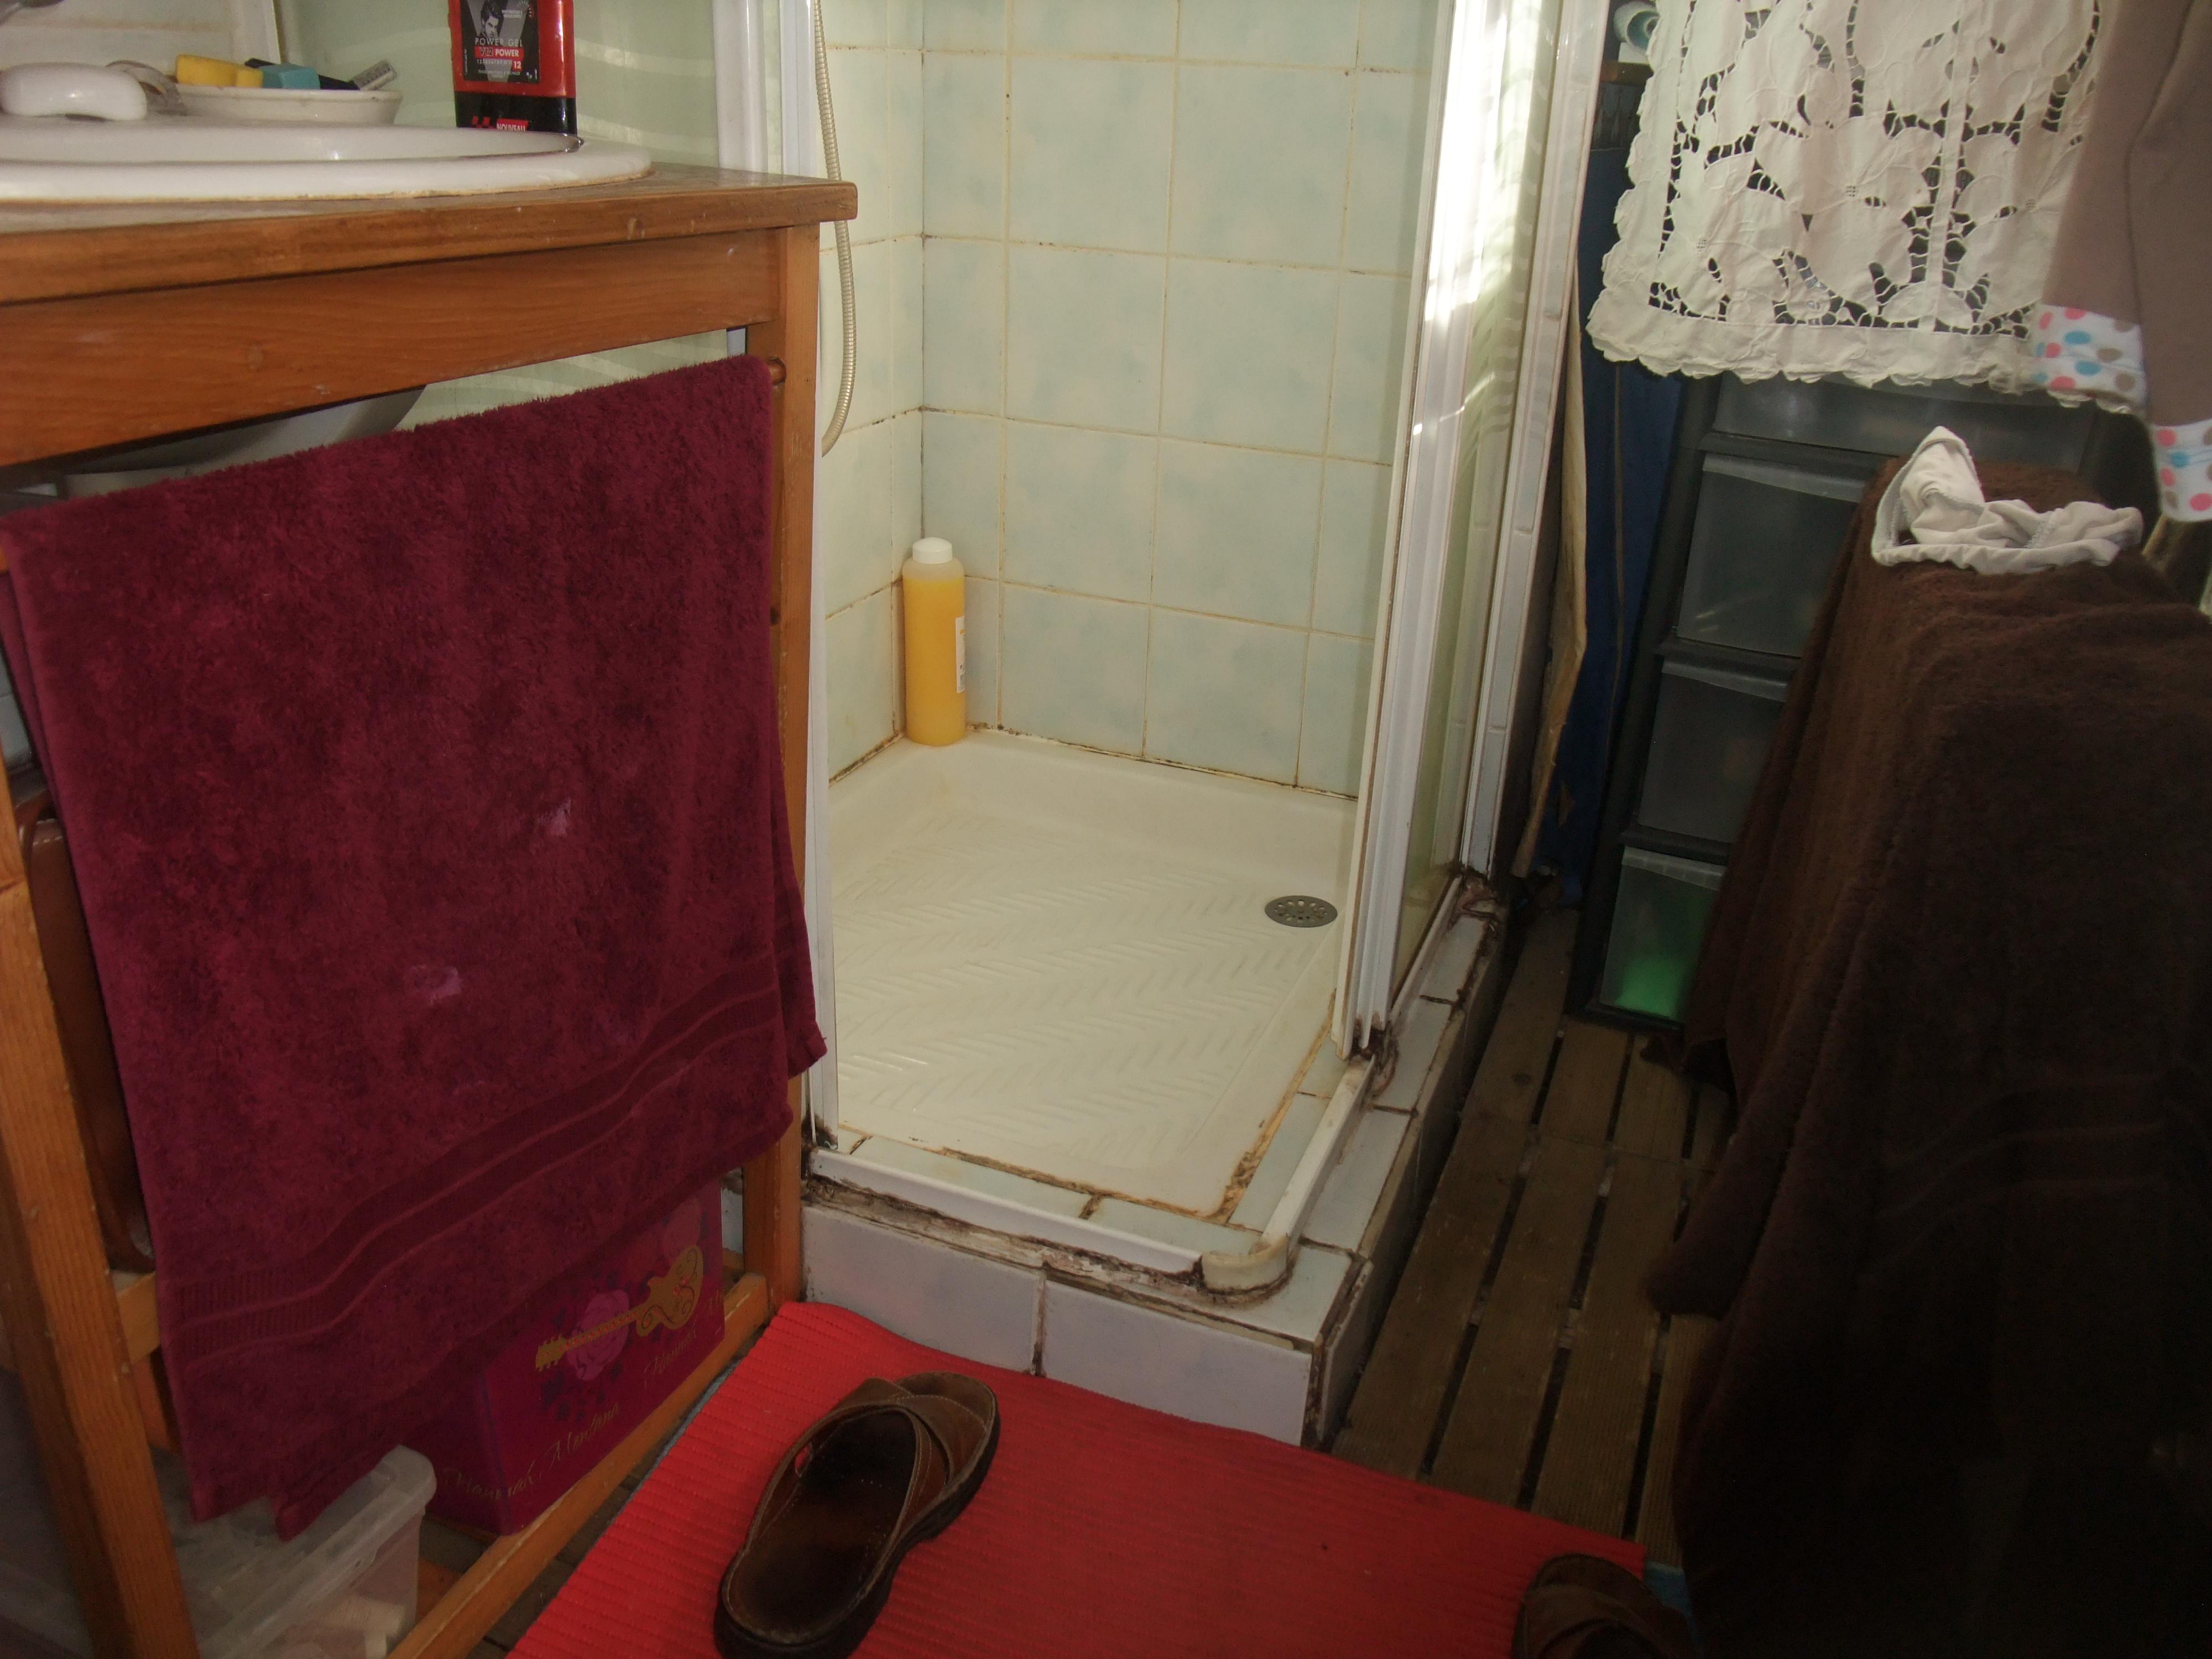 Construire Sa Salle De Bain Finest Construire Sa Salle De Bain - Construire sa salle de bain